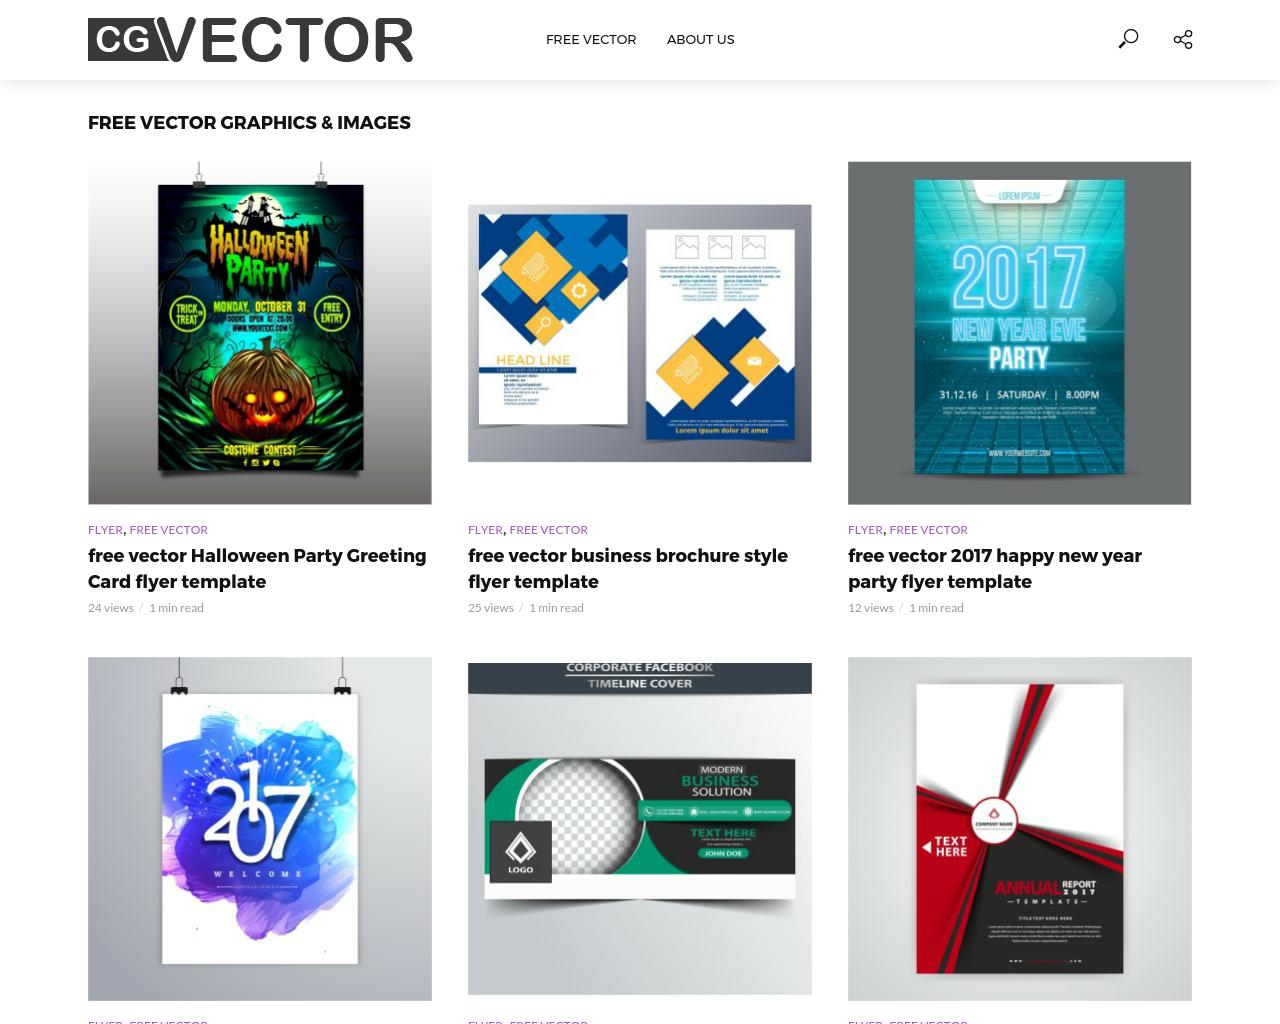 Cgvector-Advertising-Reviews-Pricing